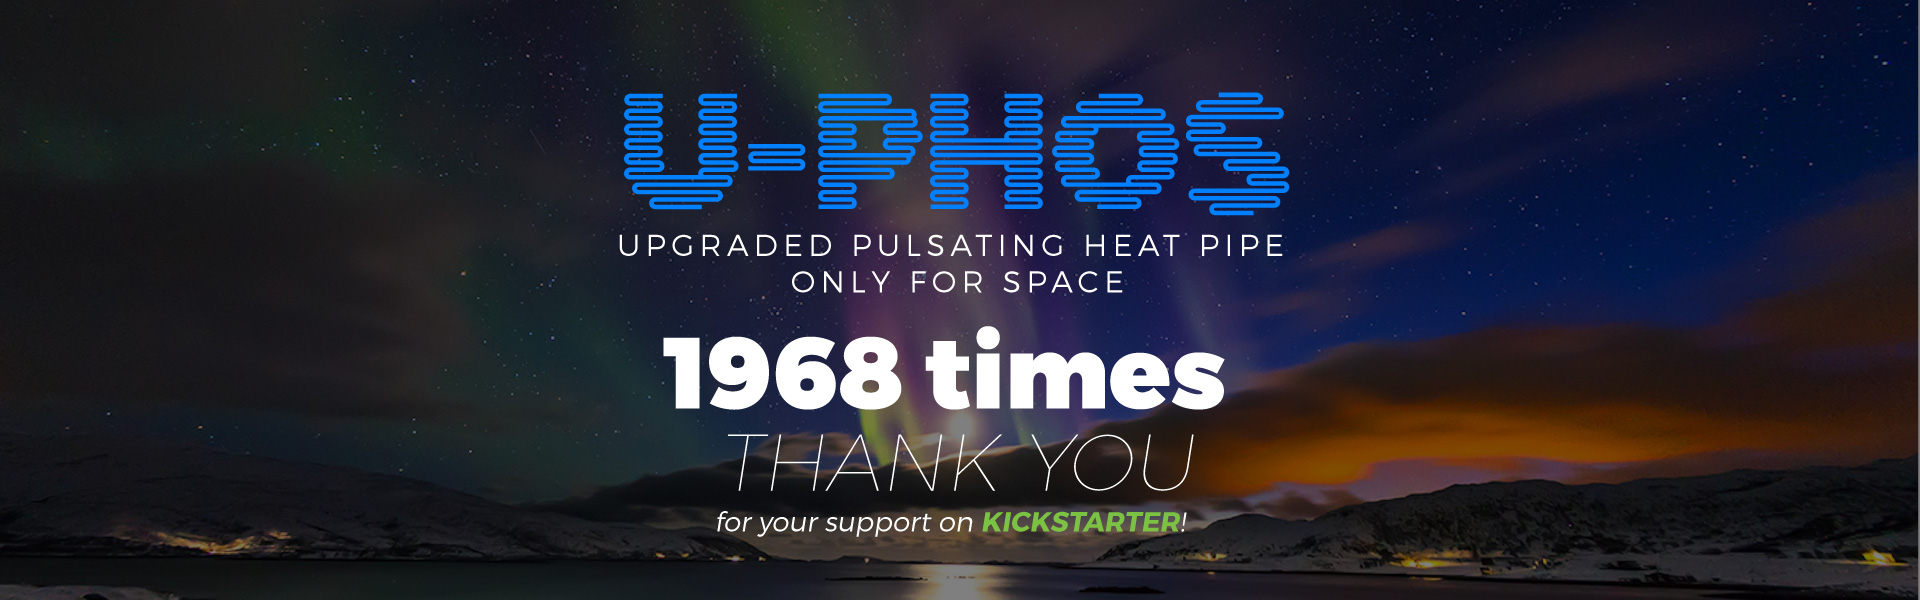 Kickstarter_thanks